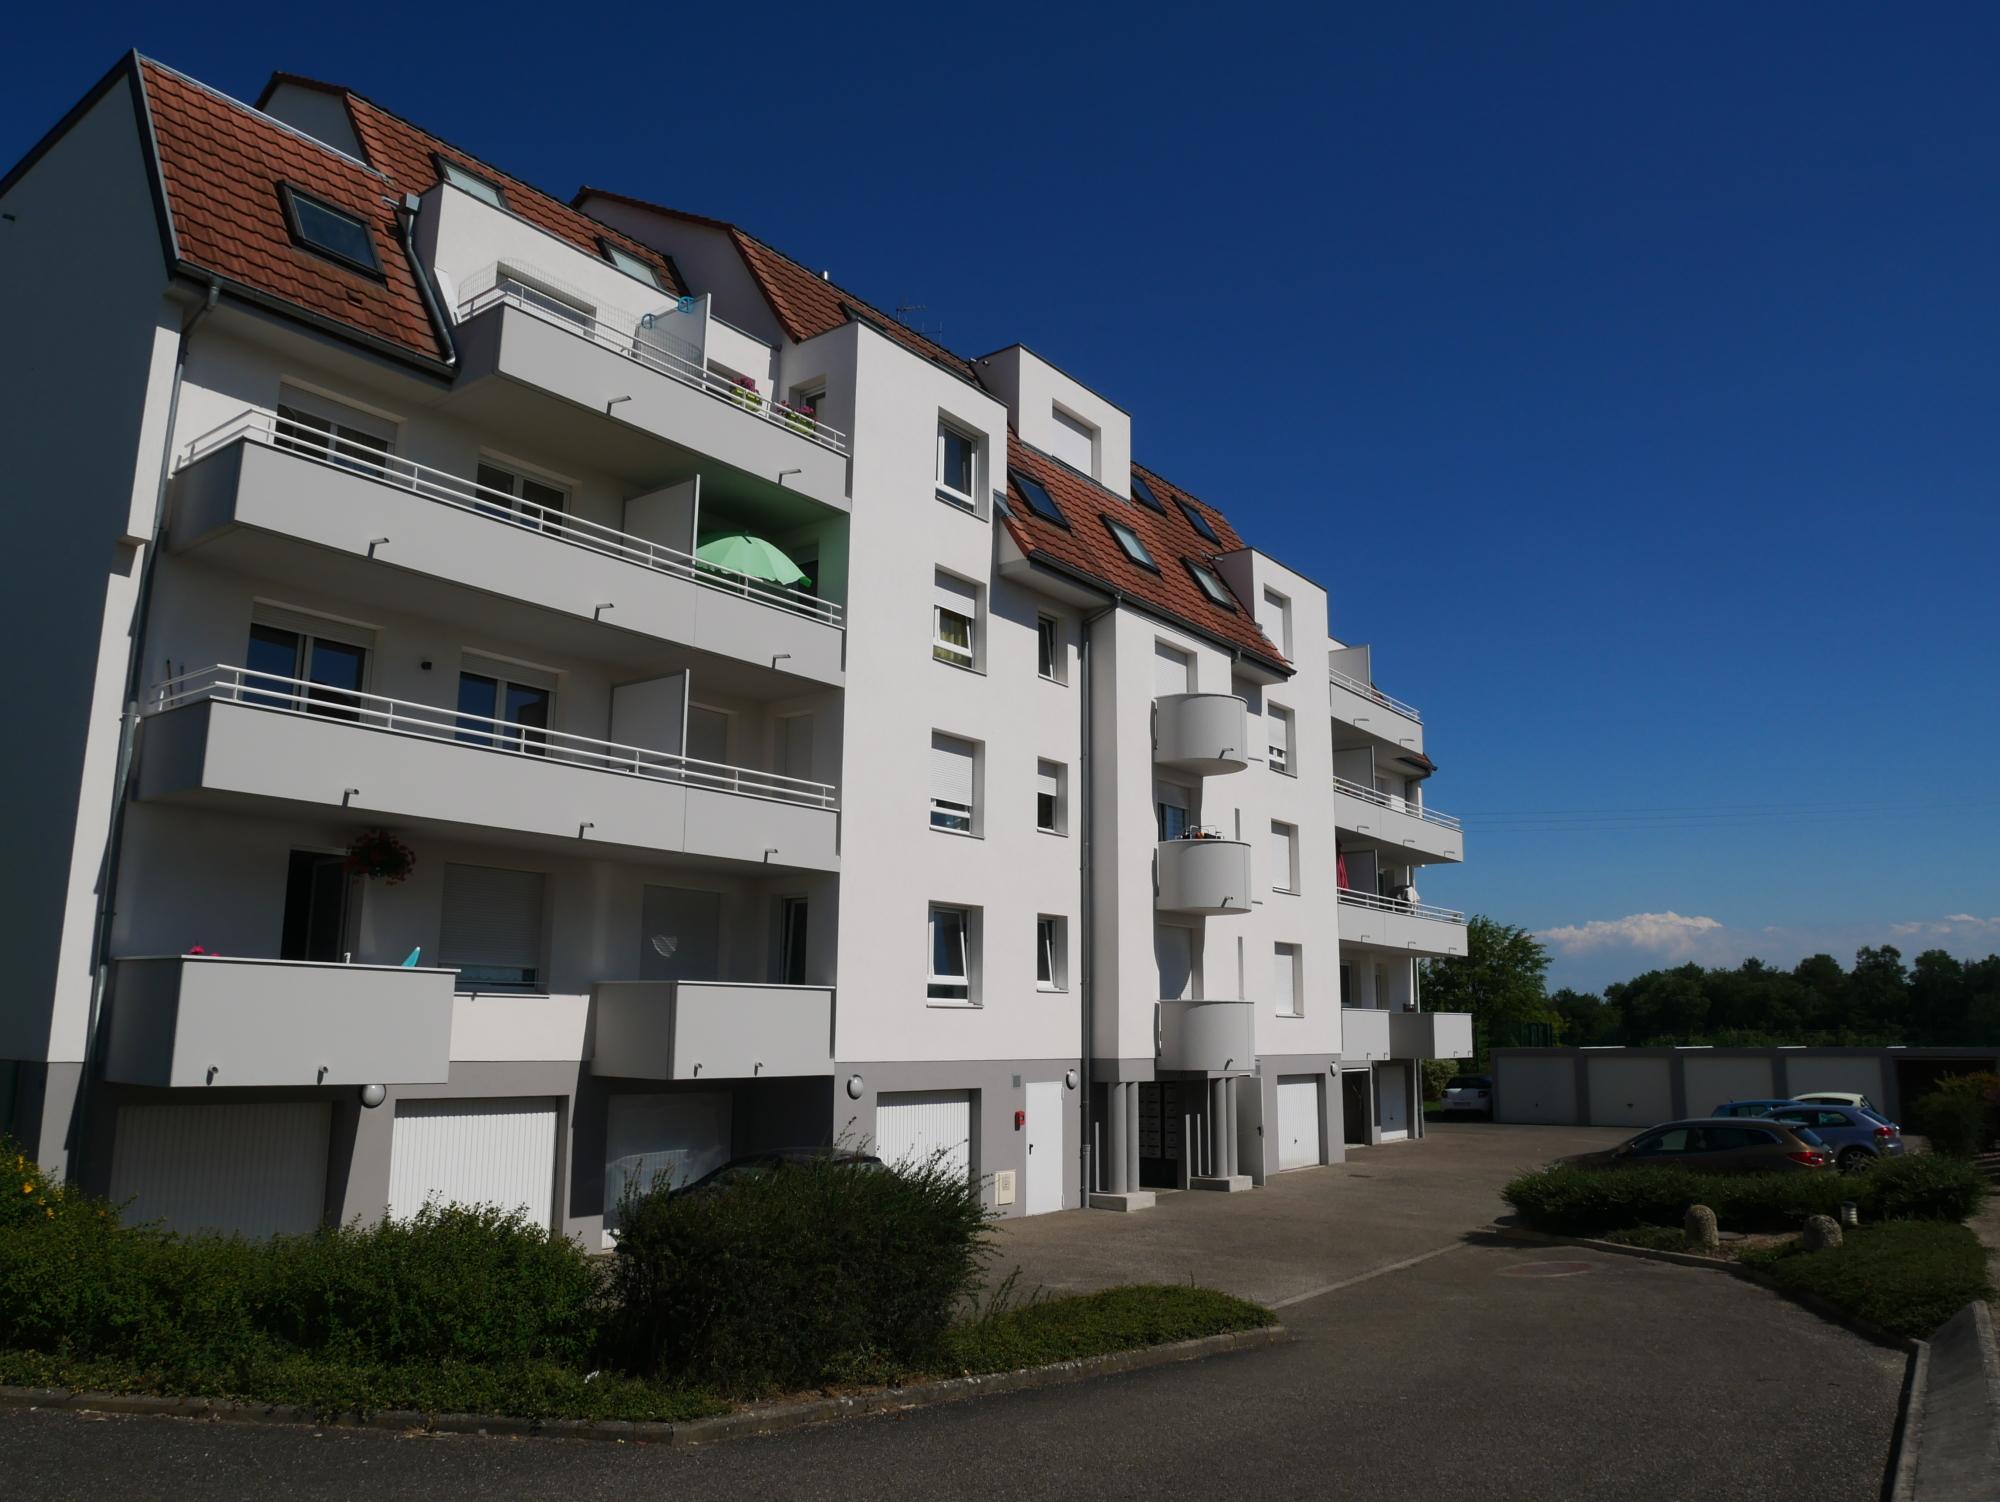 [Blue] Charmant 3 pièces avec balcons, garage et parking - Haguenau - nos ventes - Beausite Immobilier 1